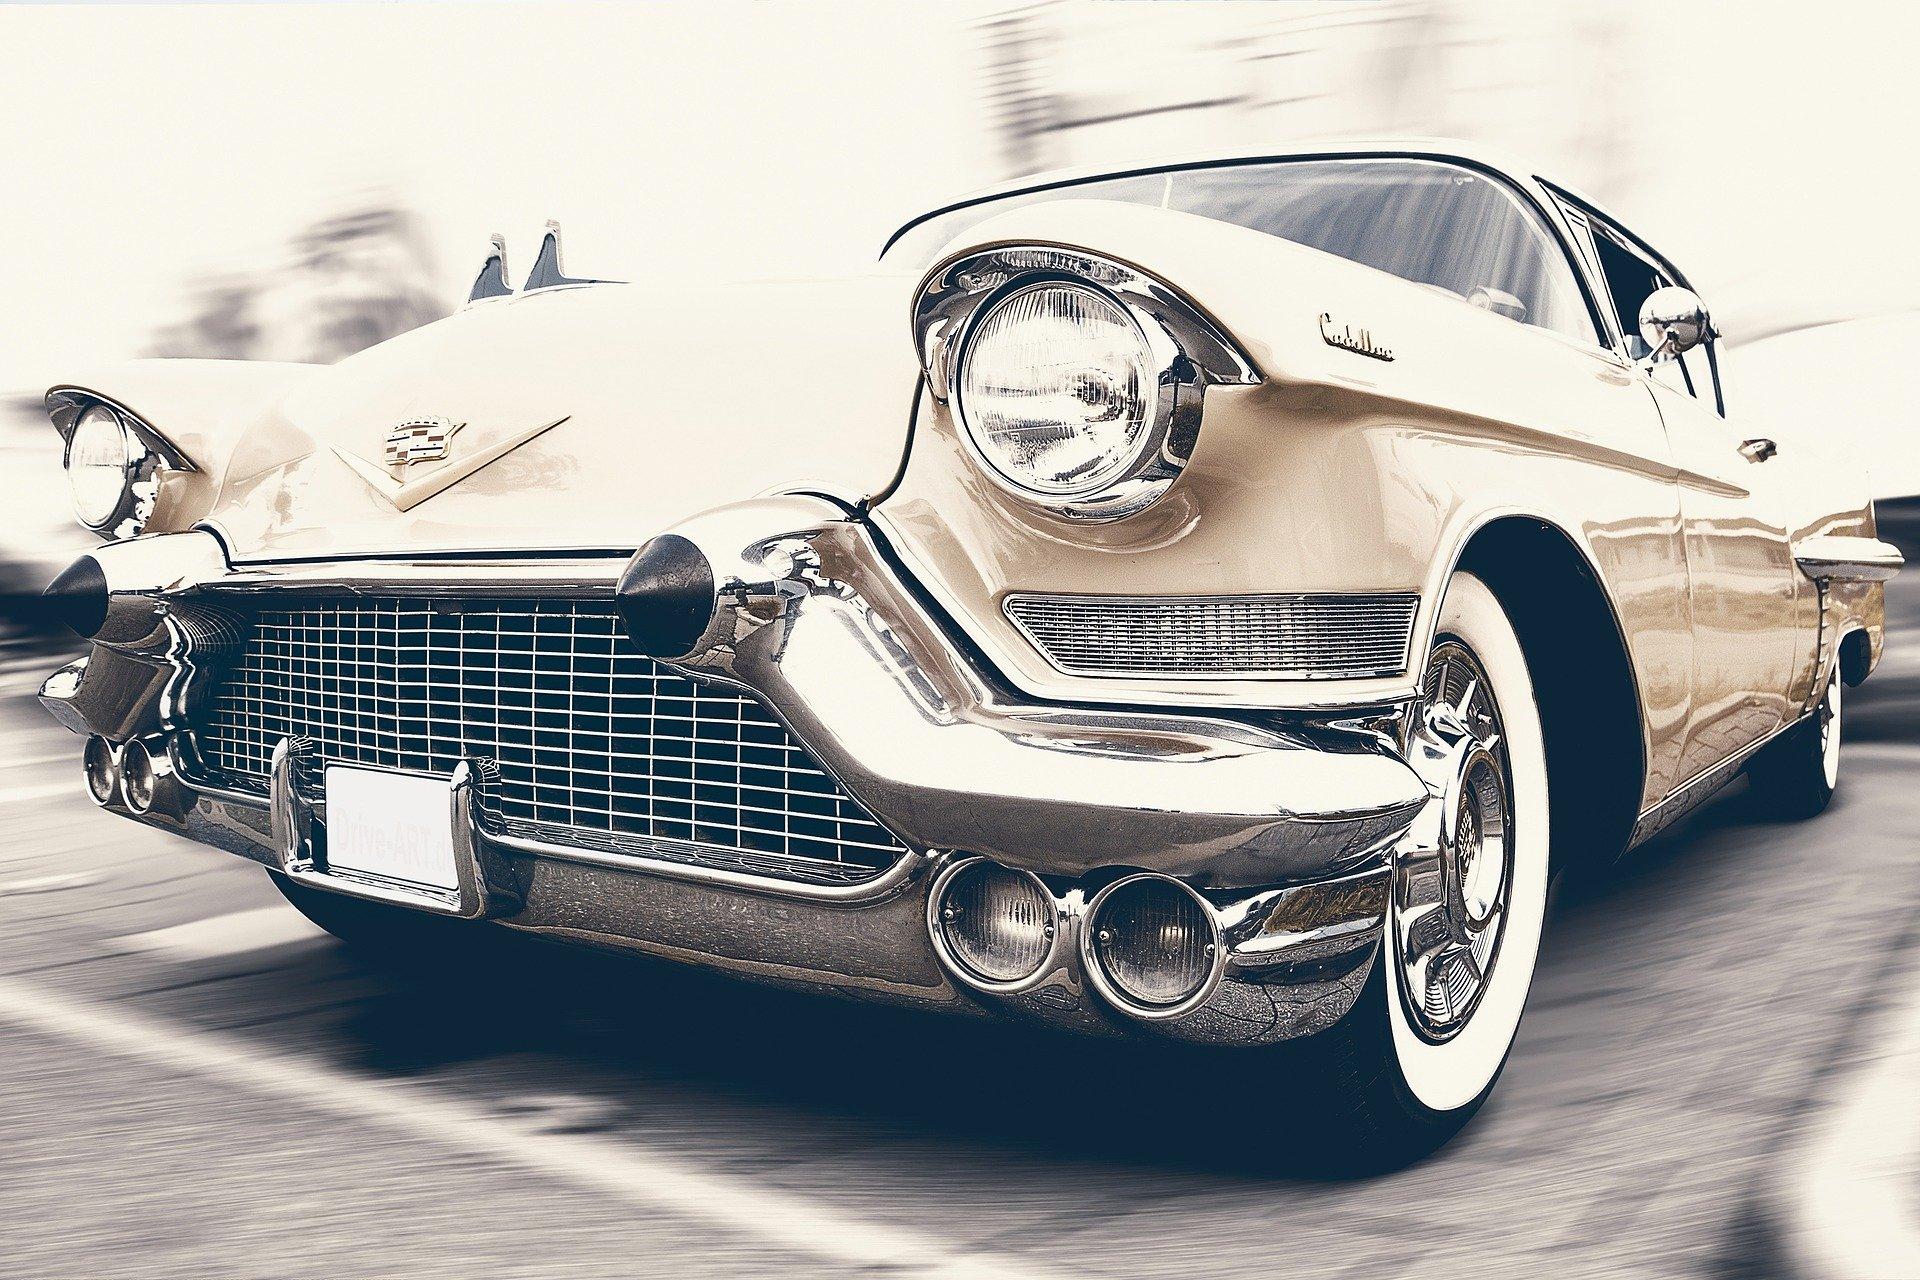 car upclose